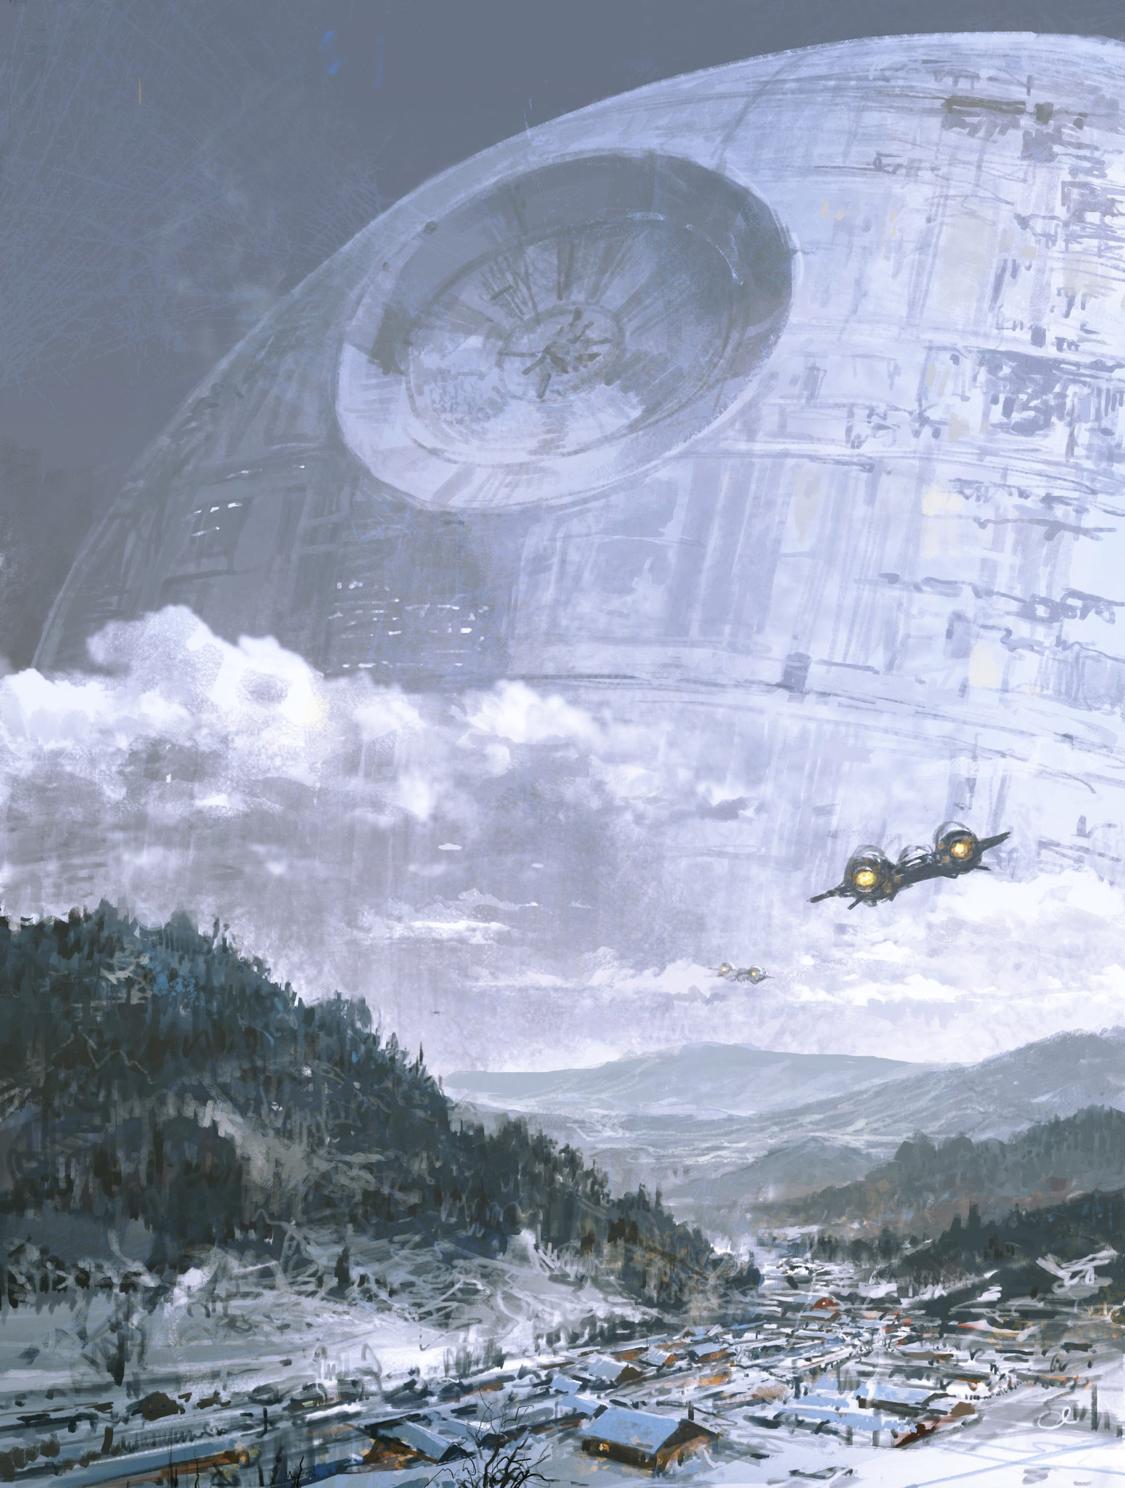 Pingl par bla sur paysage star wars tim e et vaisseau - Paysage star wars ...